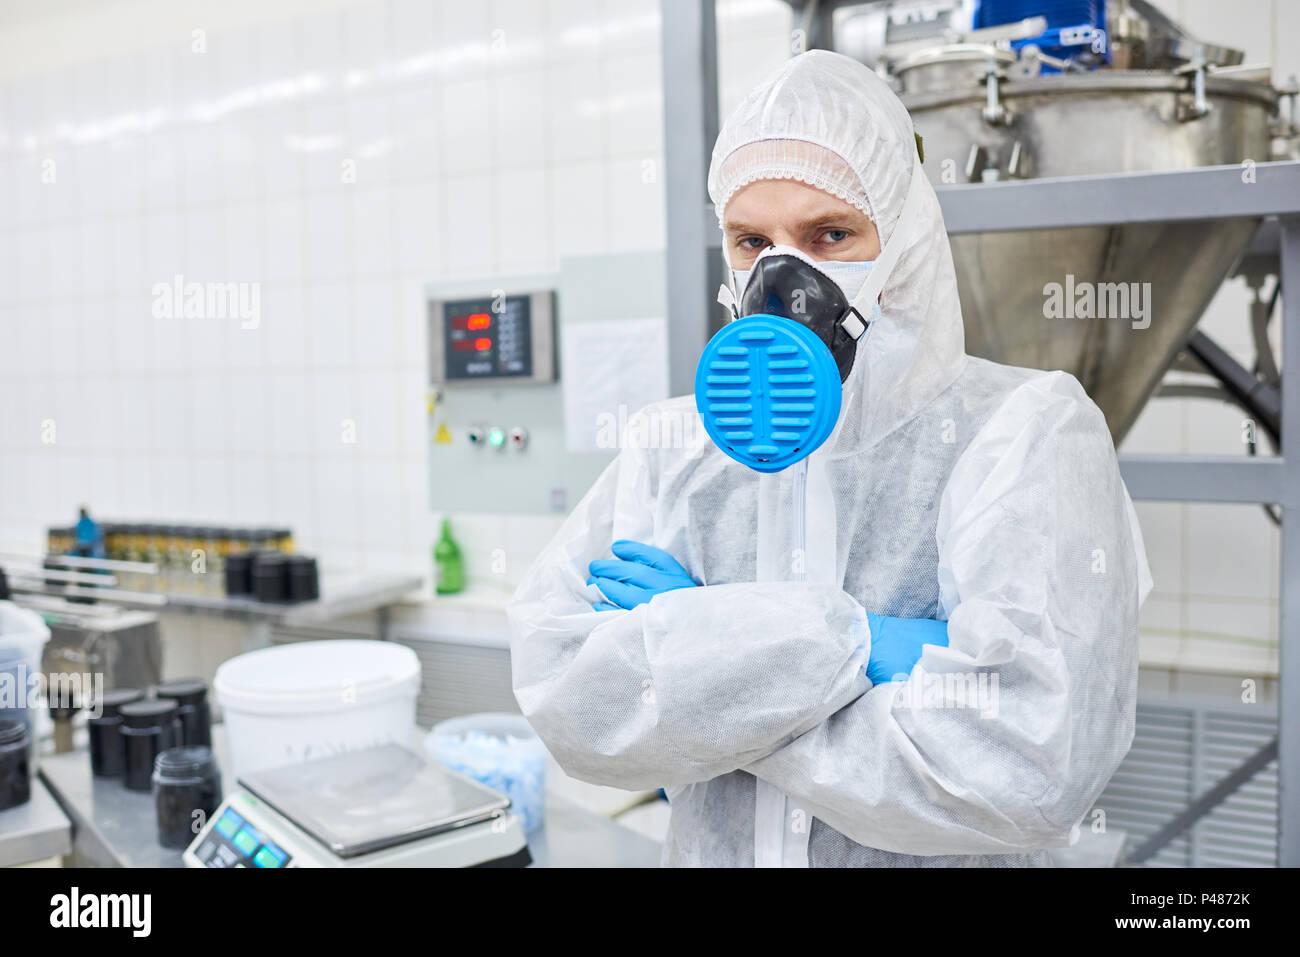 Operaio di fabbrica in piedi in abbigliamento protettivo Immagini Stock